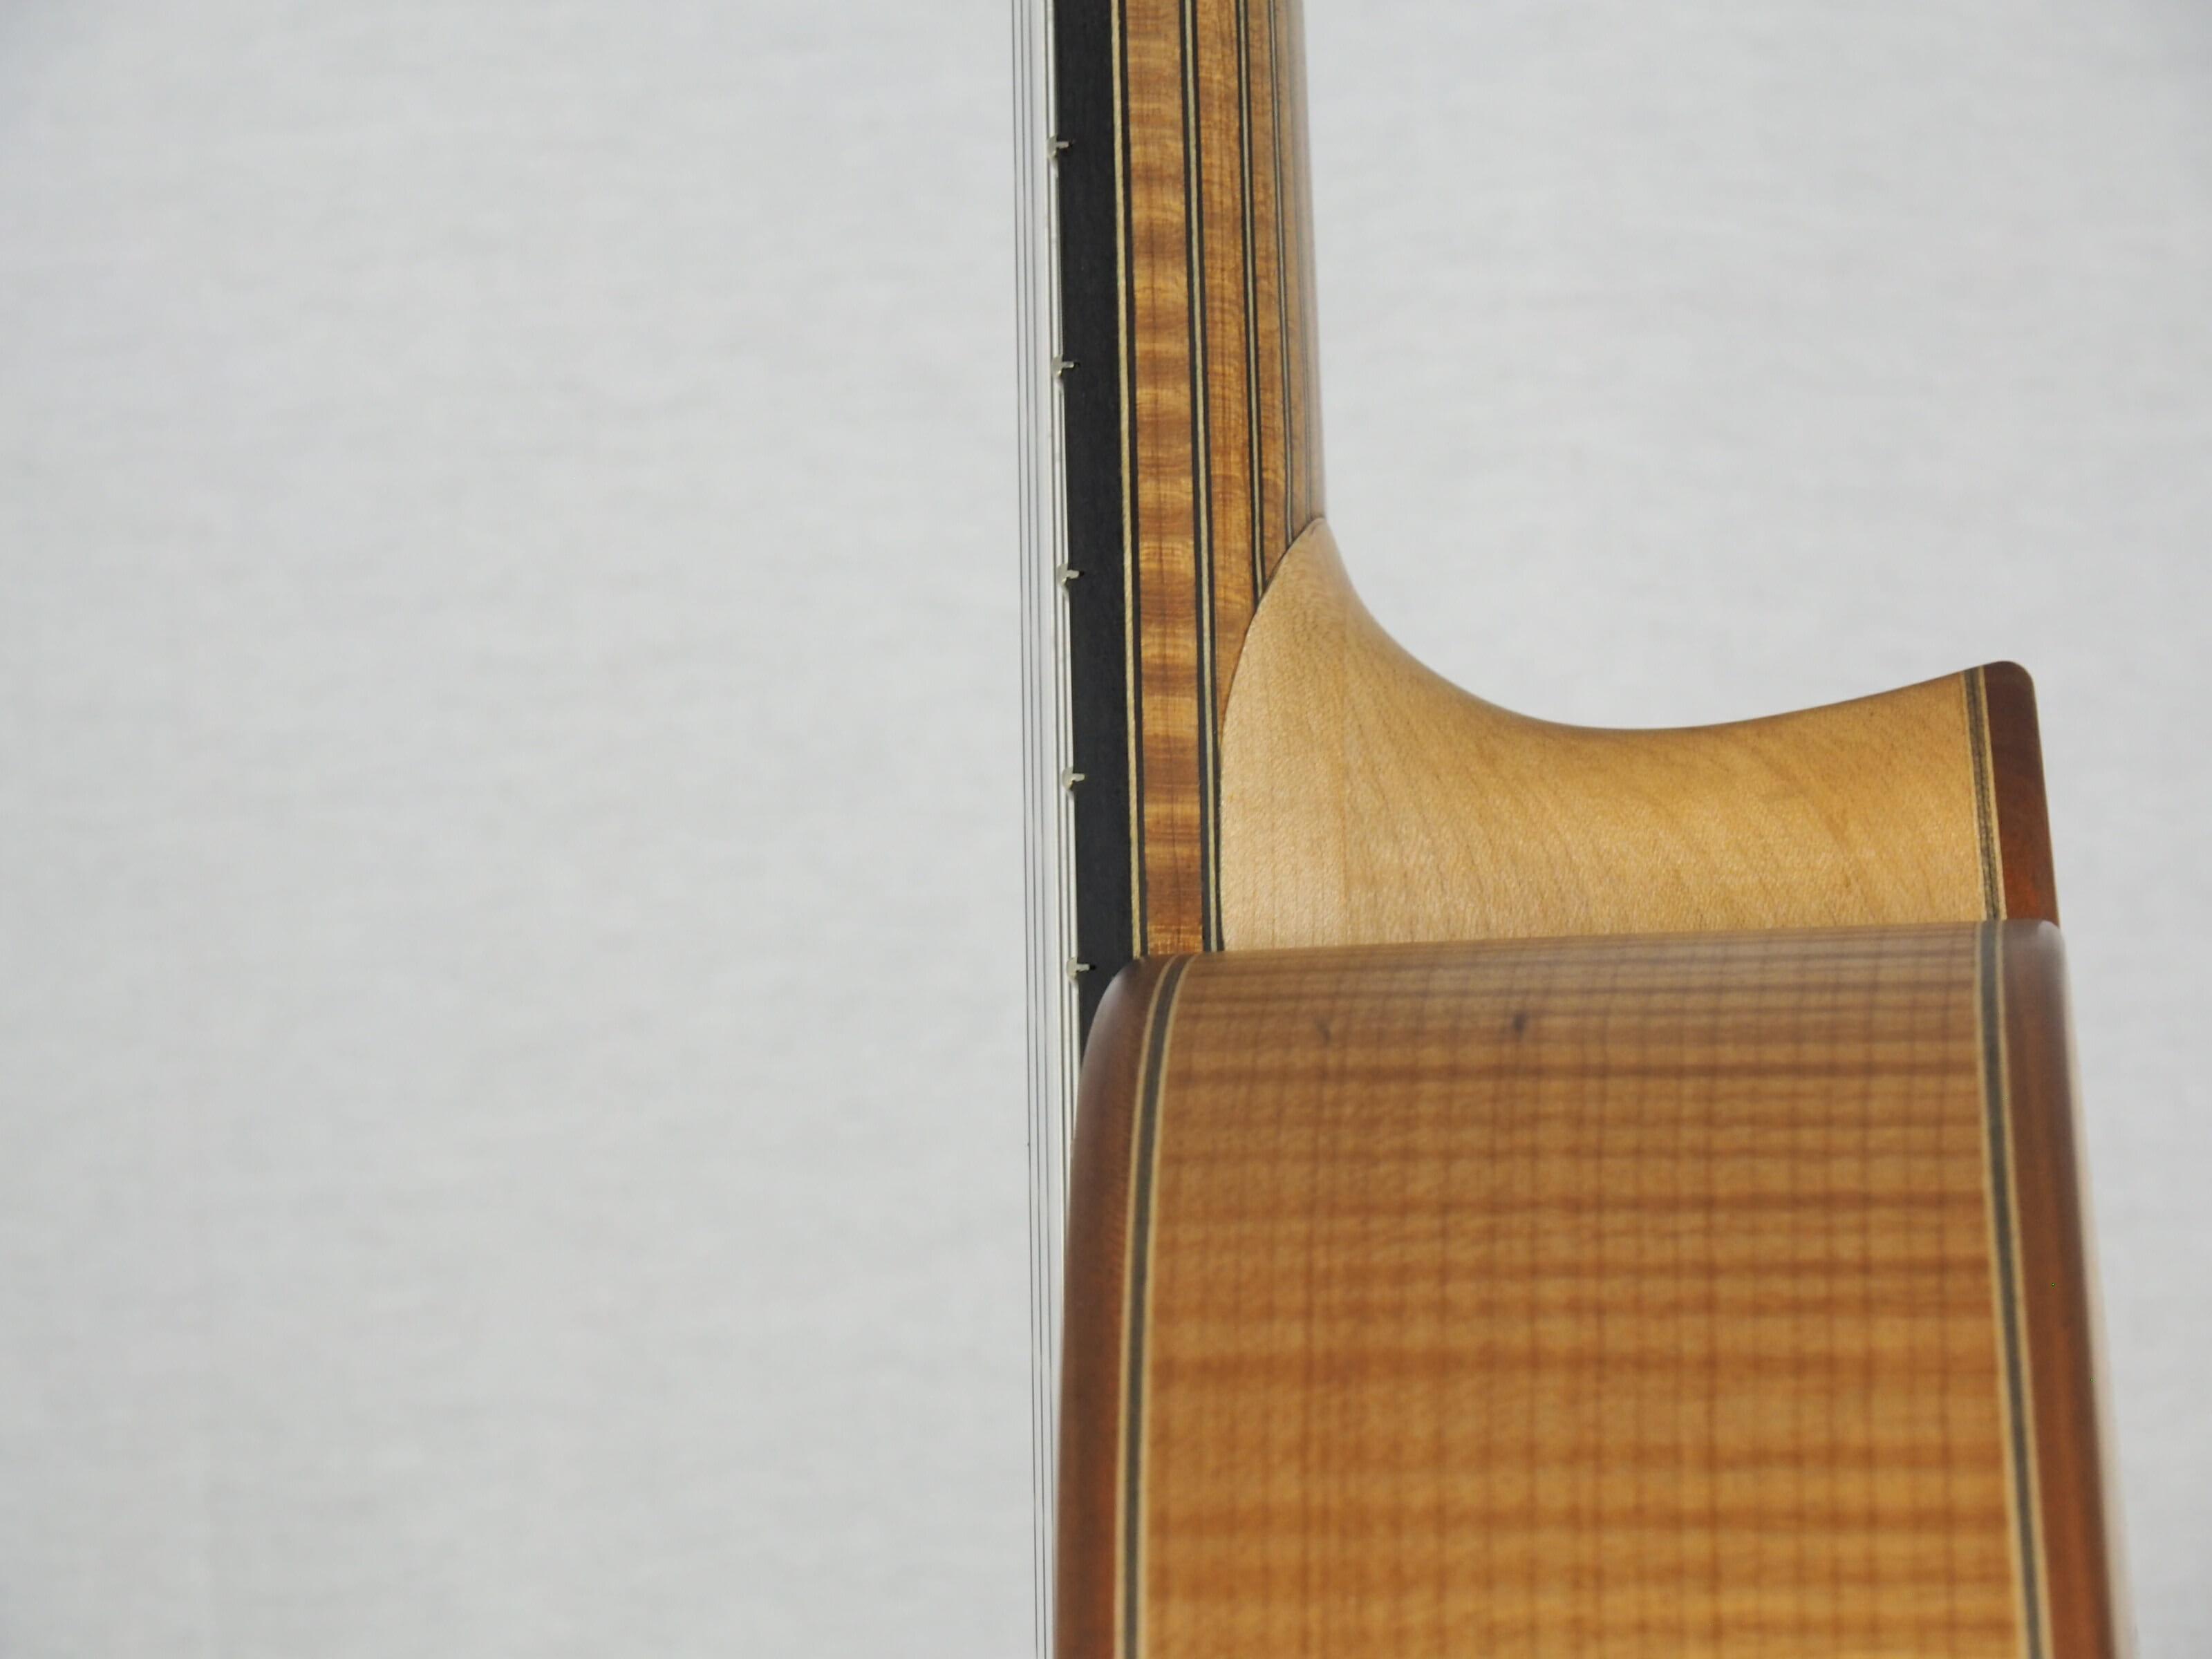 Dieter Hopf Luthier guitare classique Auditorium No 19HP070-05